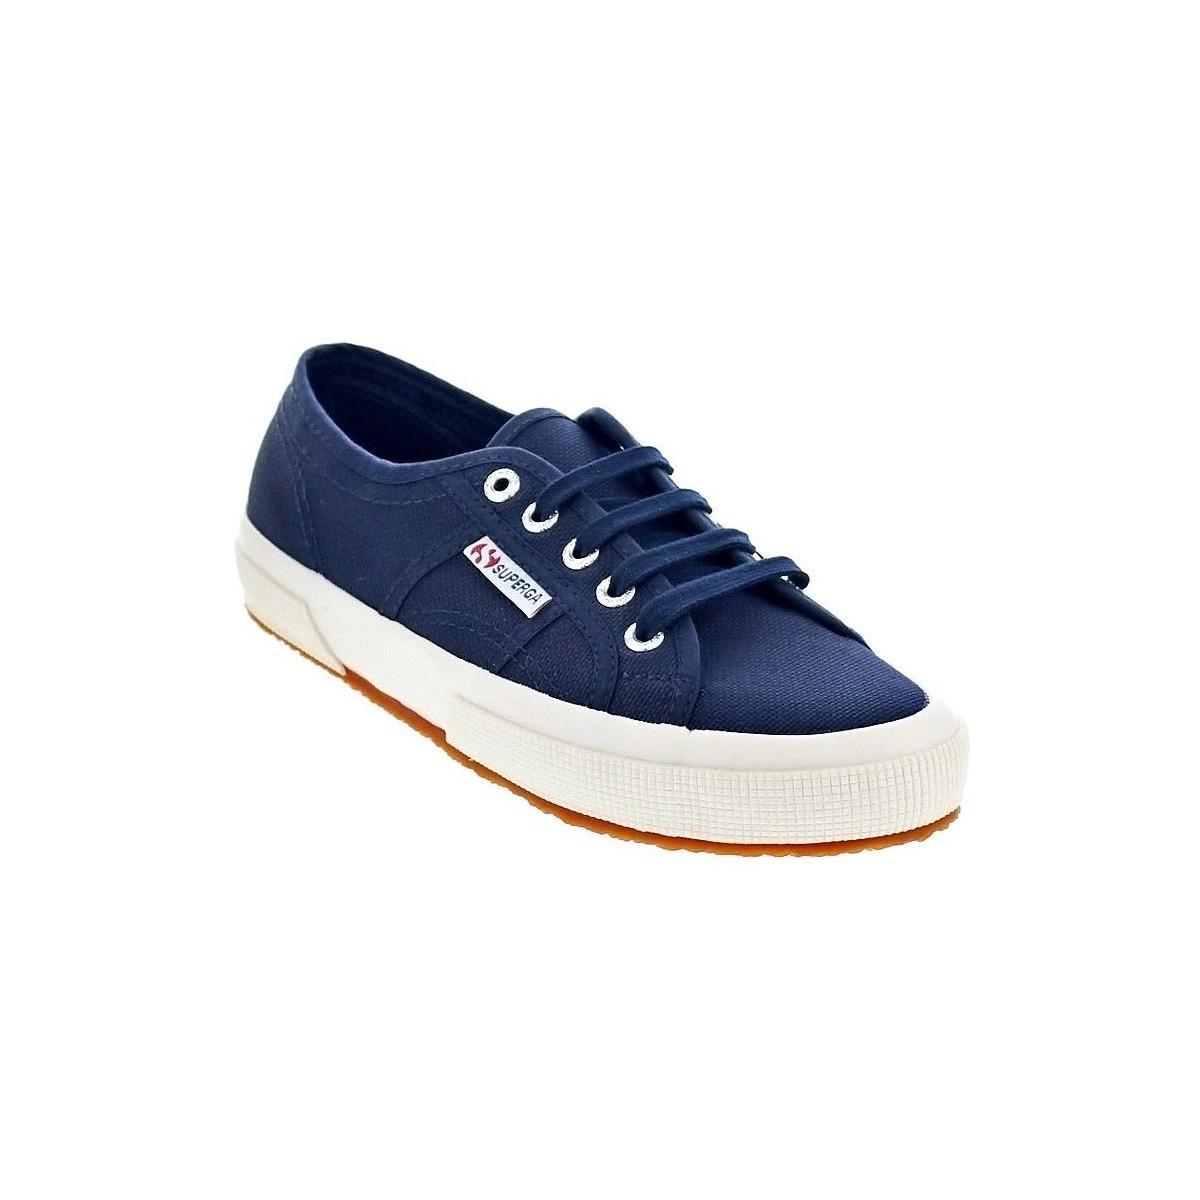 2750-COTU Chaussures Superga en coloris Bleu